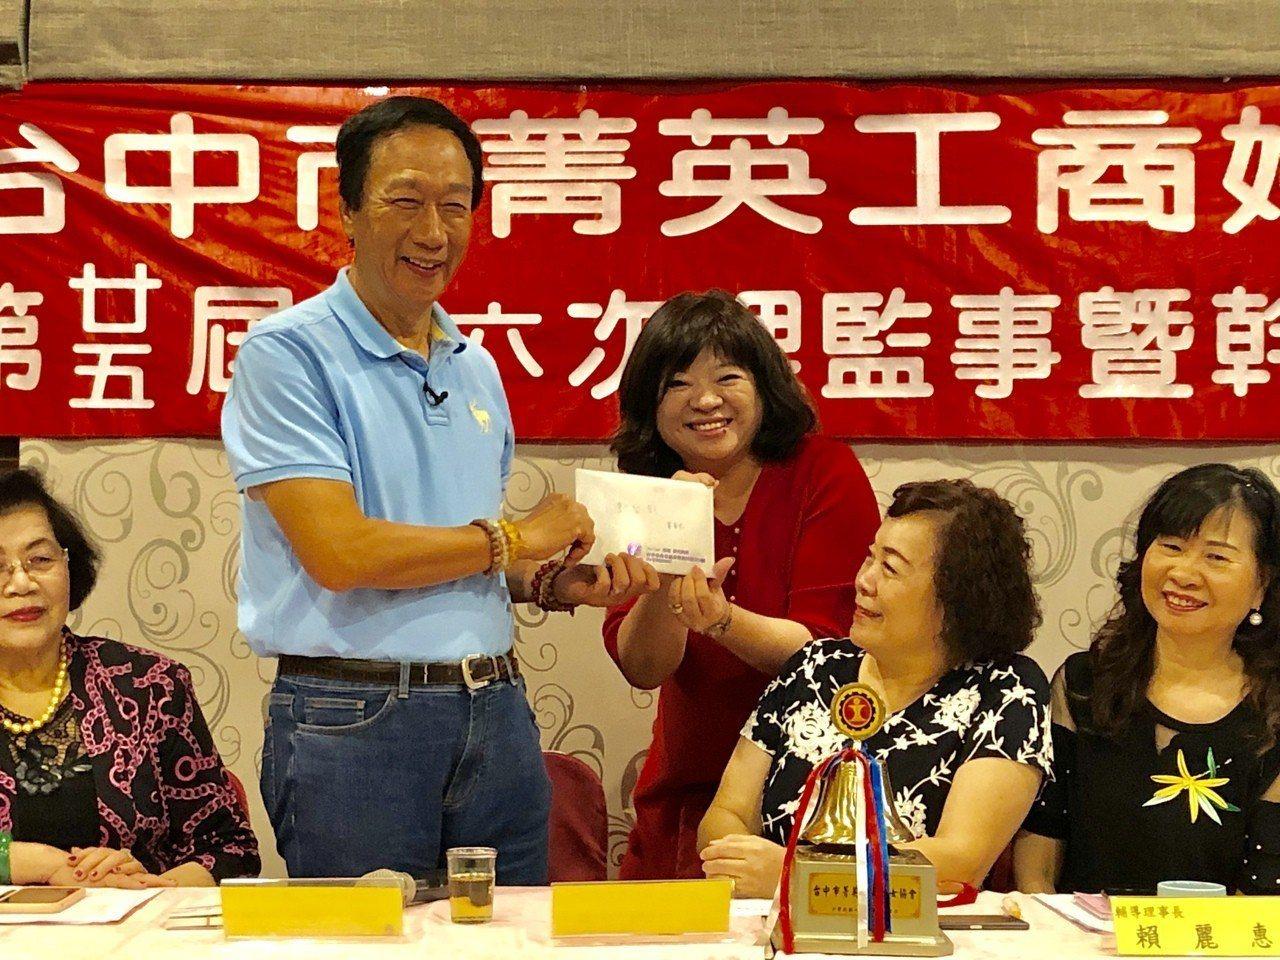 在台中市菁英工商婦女協會理監事會上,郭台銘受到熱烈歡迎,還有會員遞交建言書。記者...